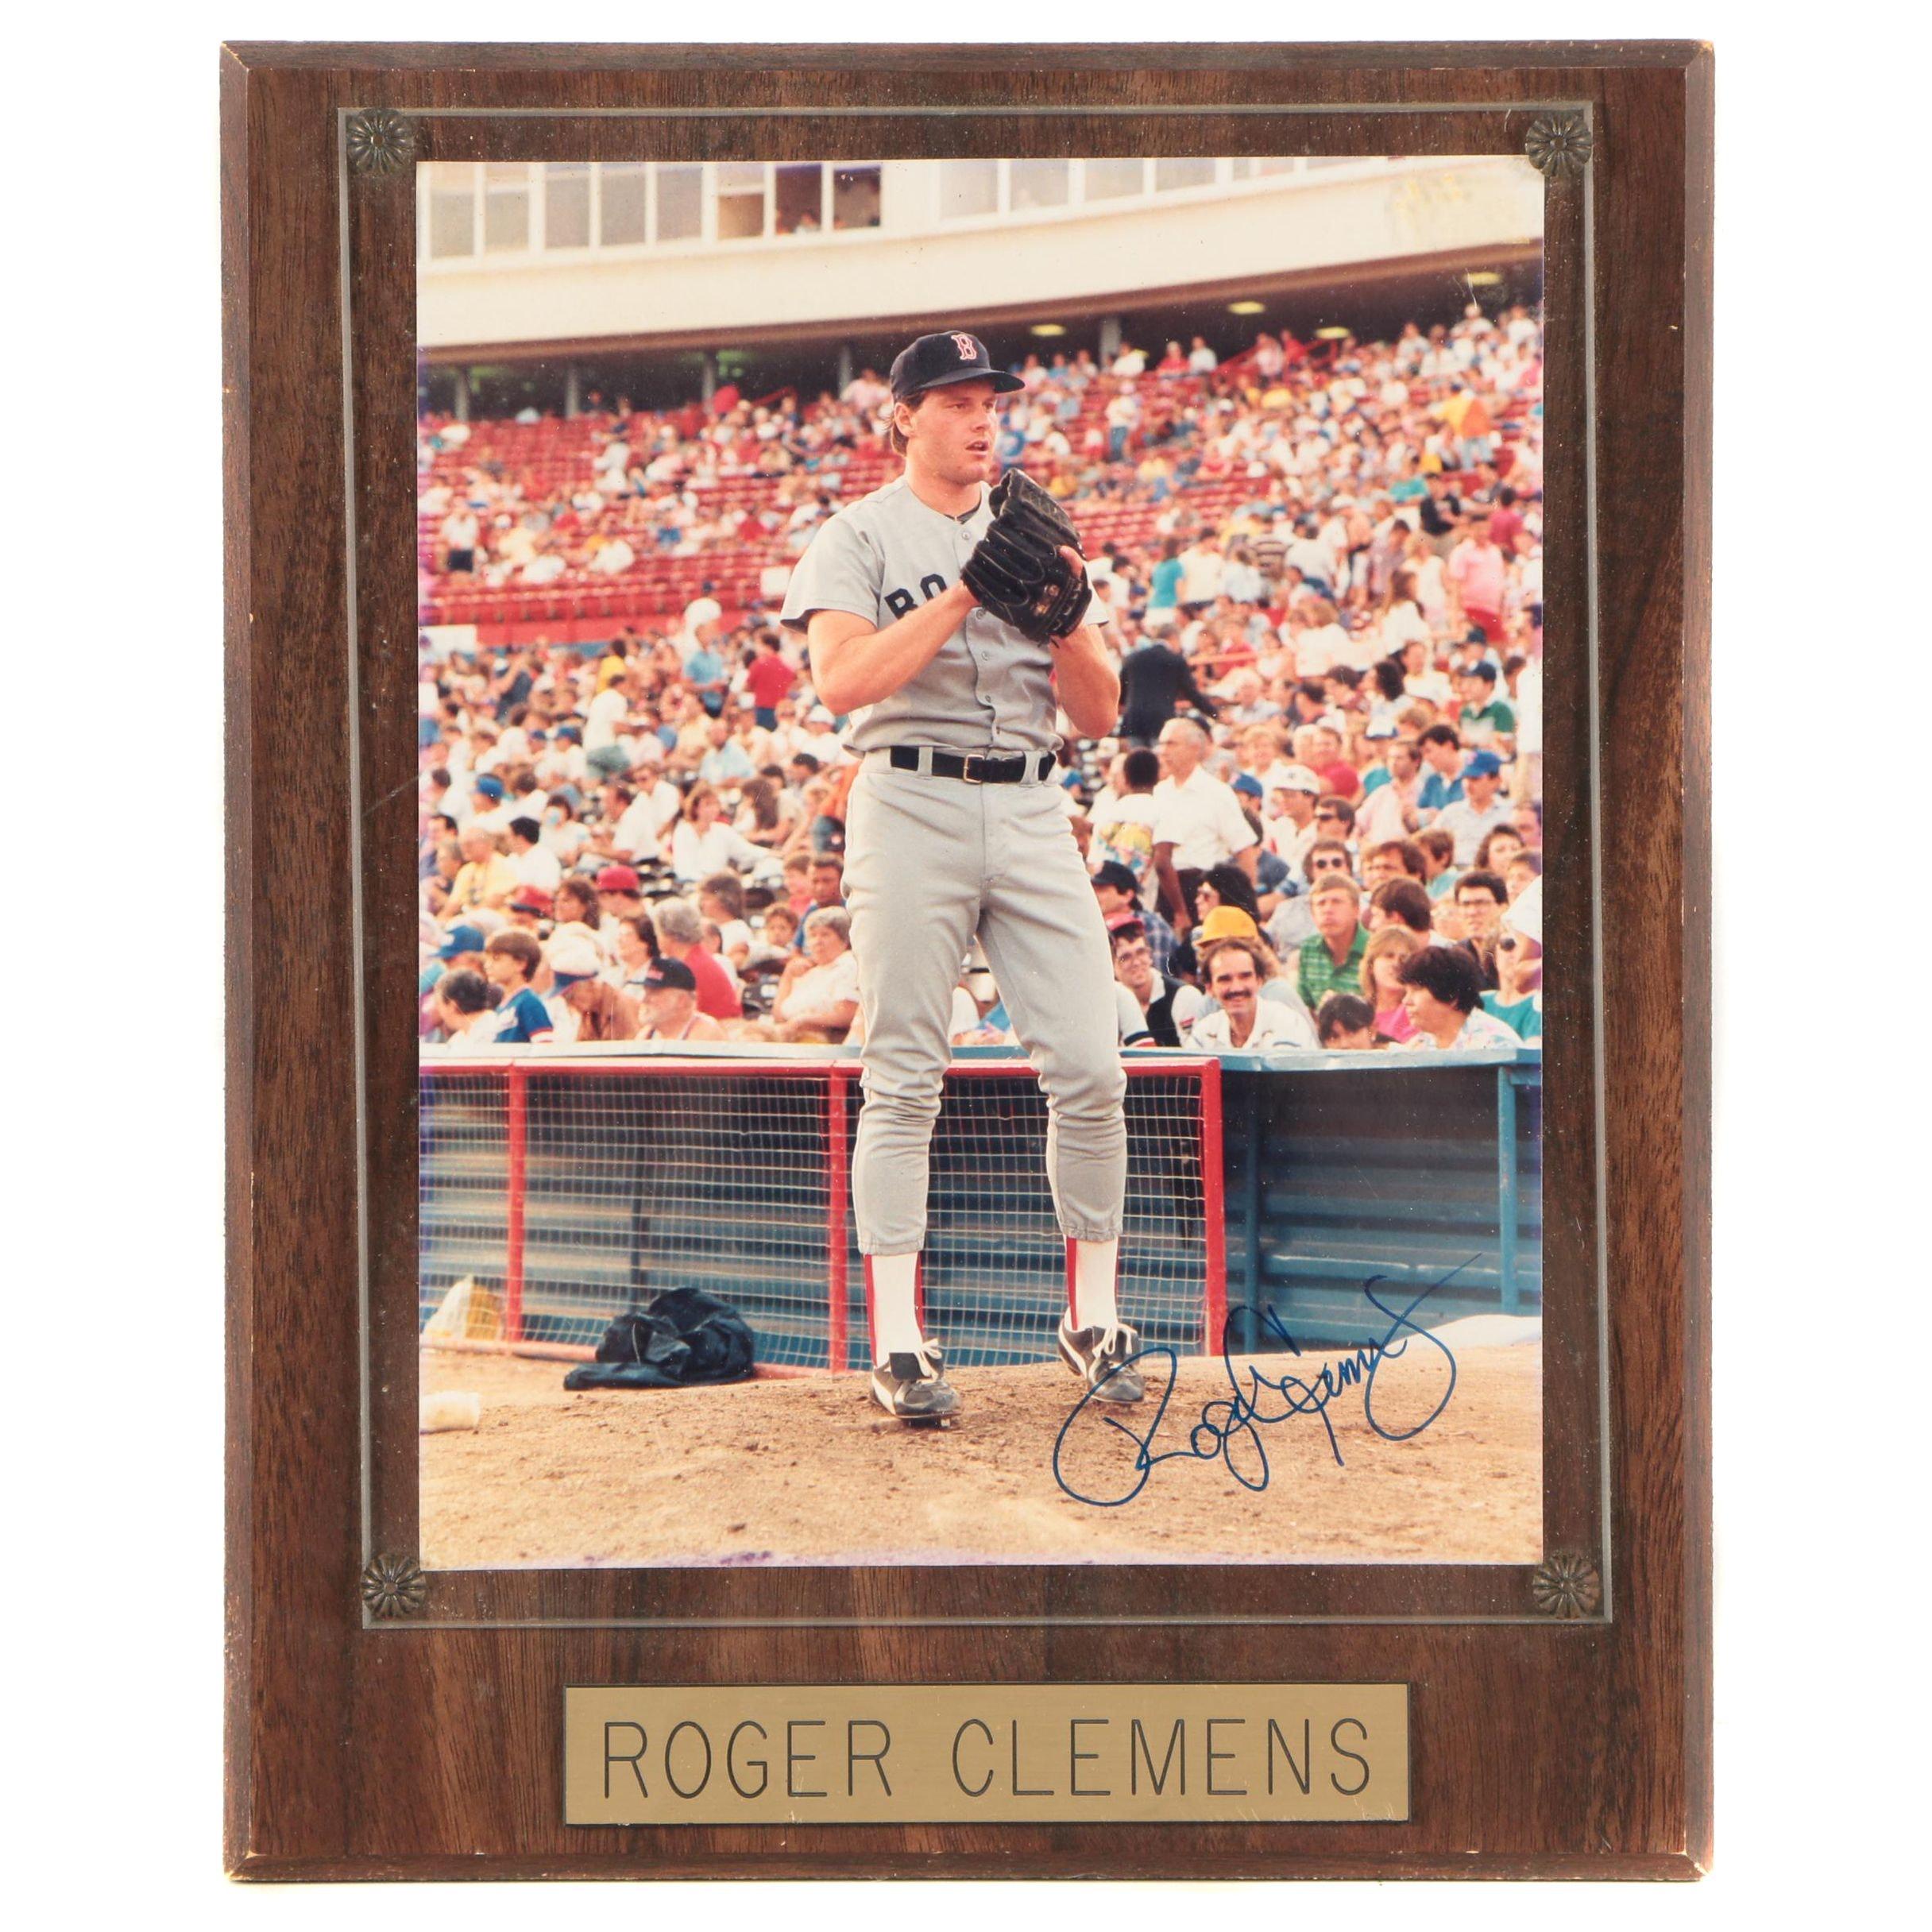 Roger Clemens Autographed Color Photograph